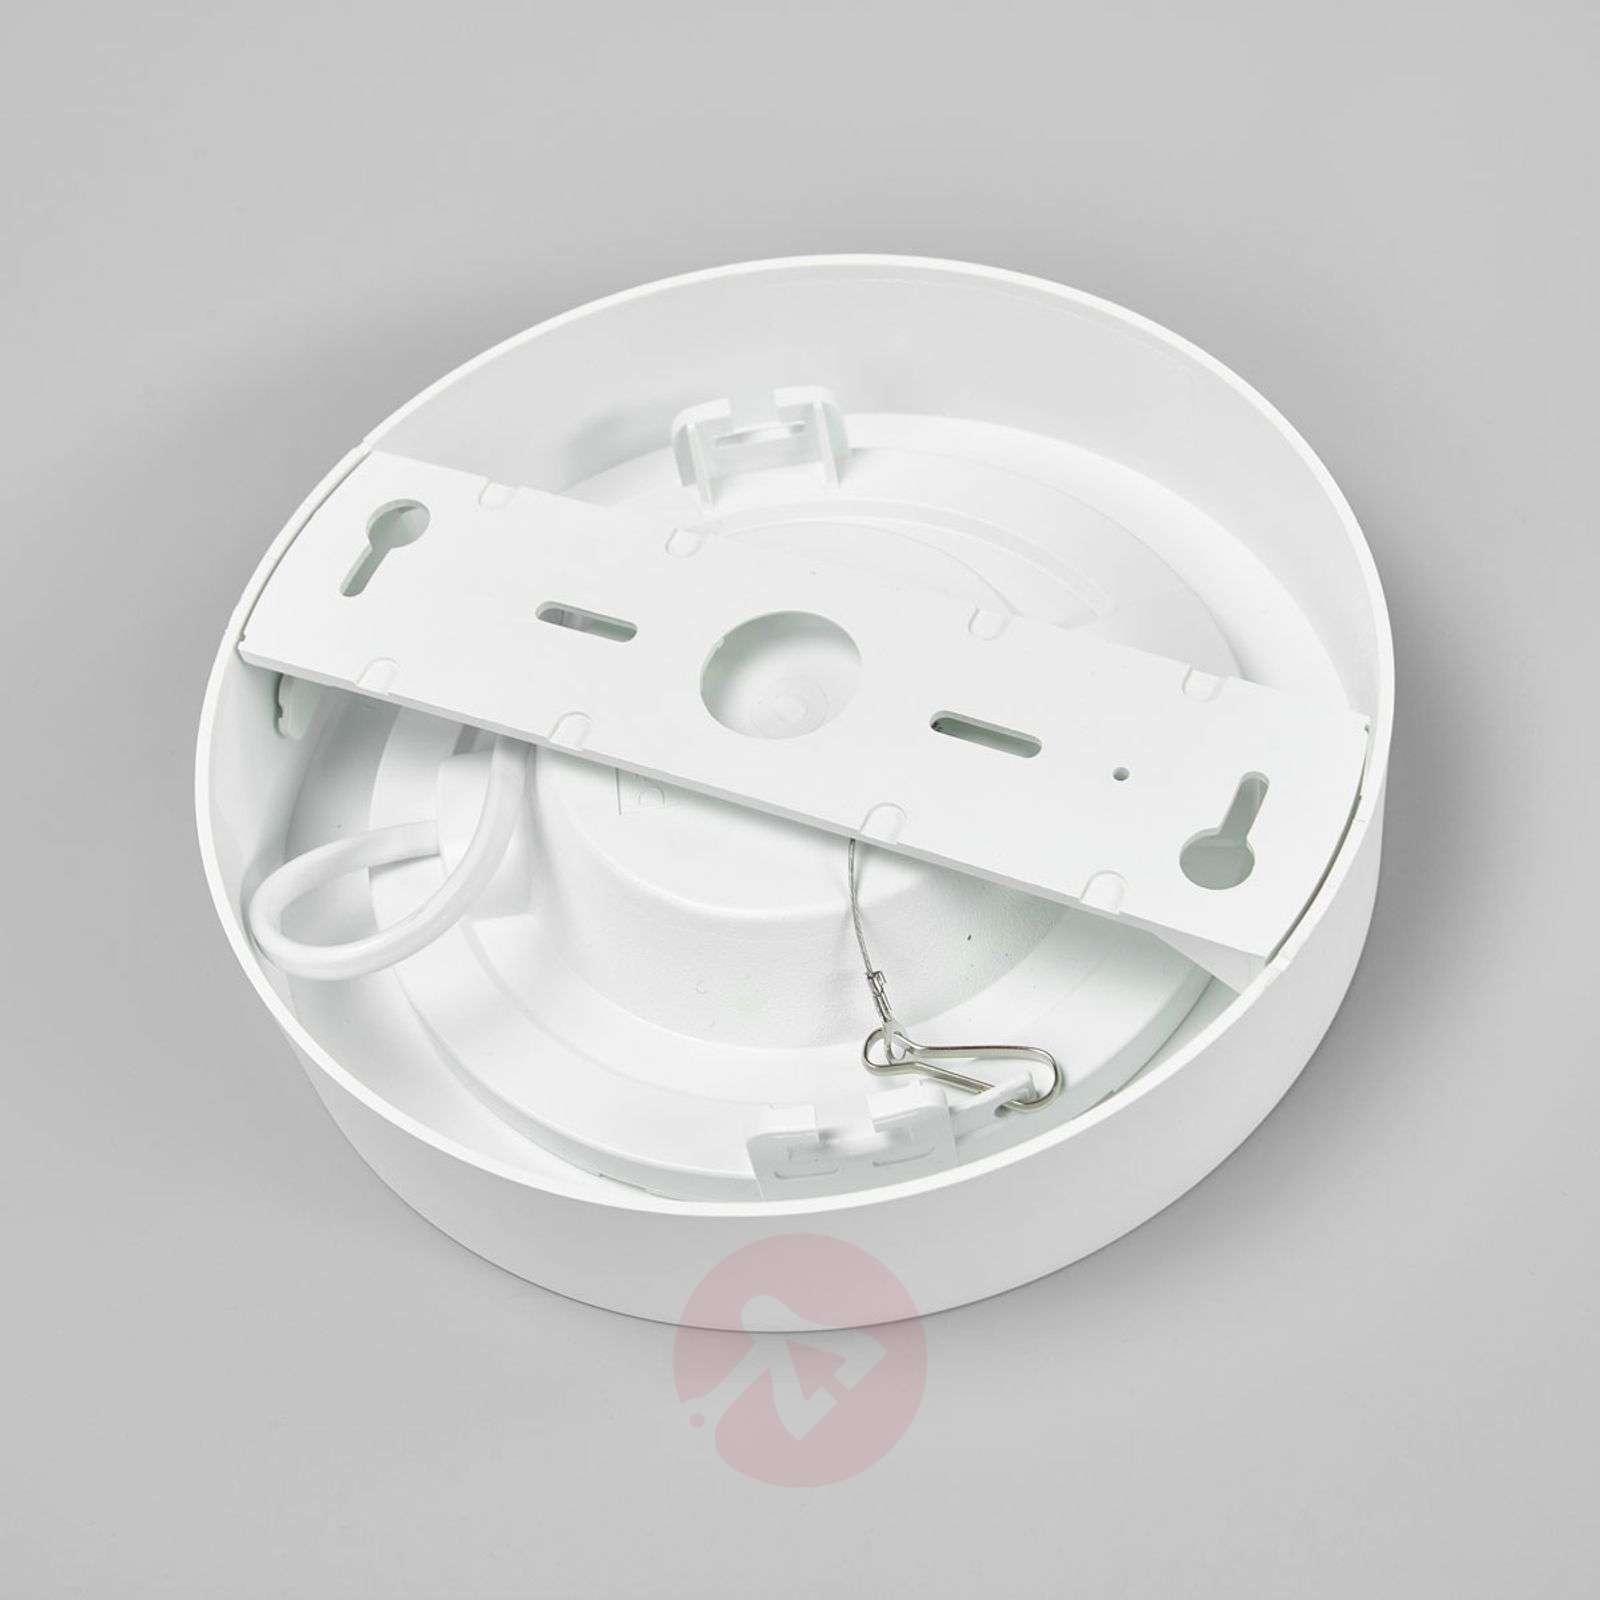 Universaalin valkoinen Marlo-LED-kattolamppu, IP44-9978064-02